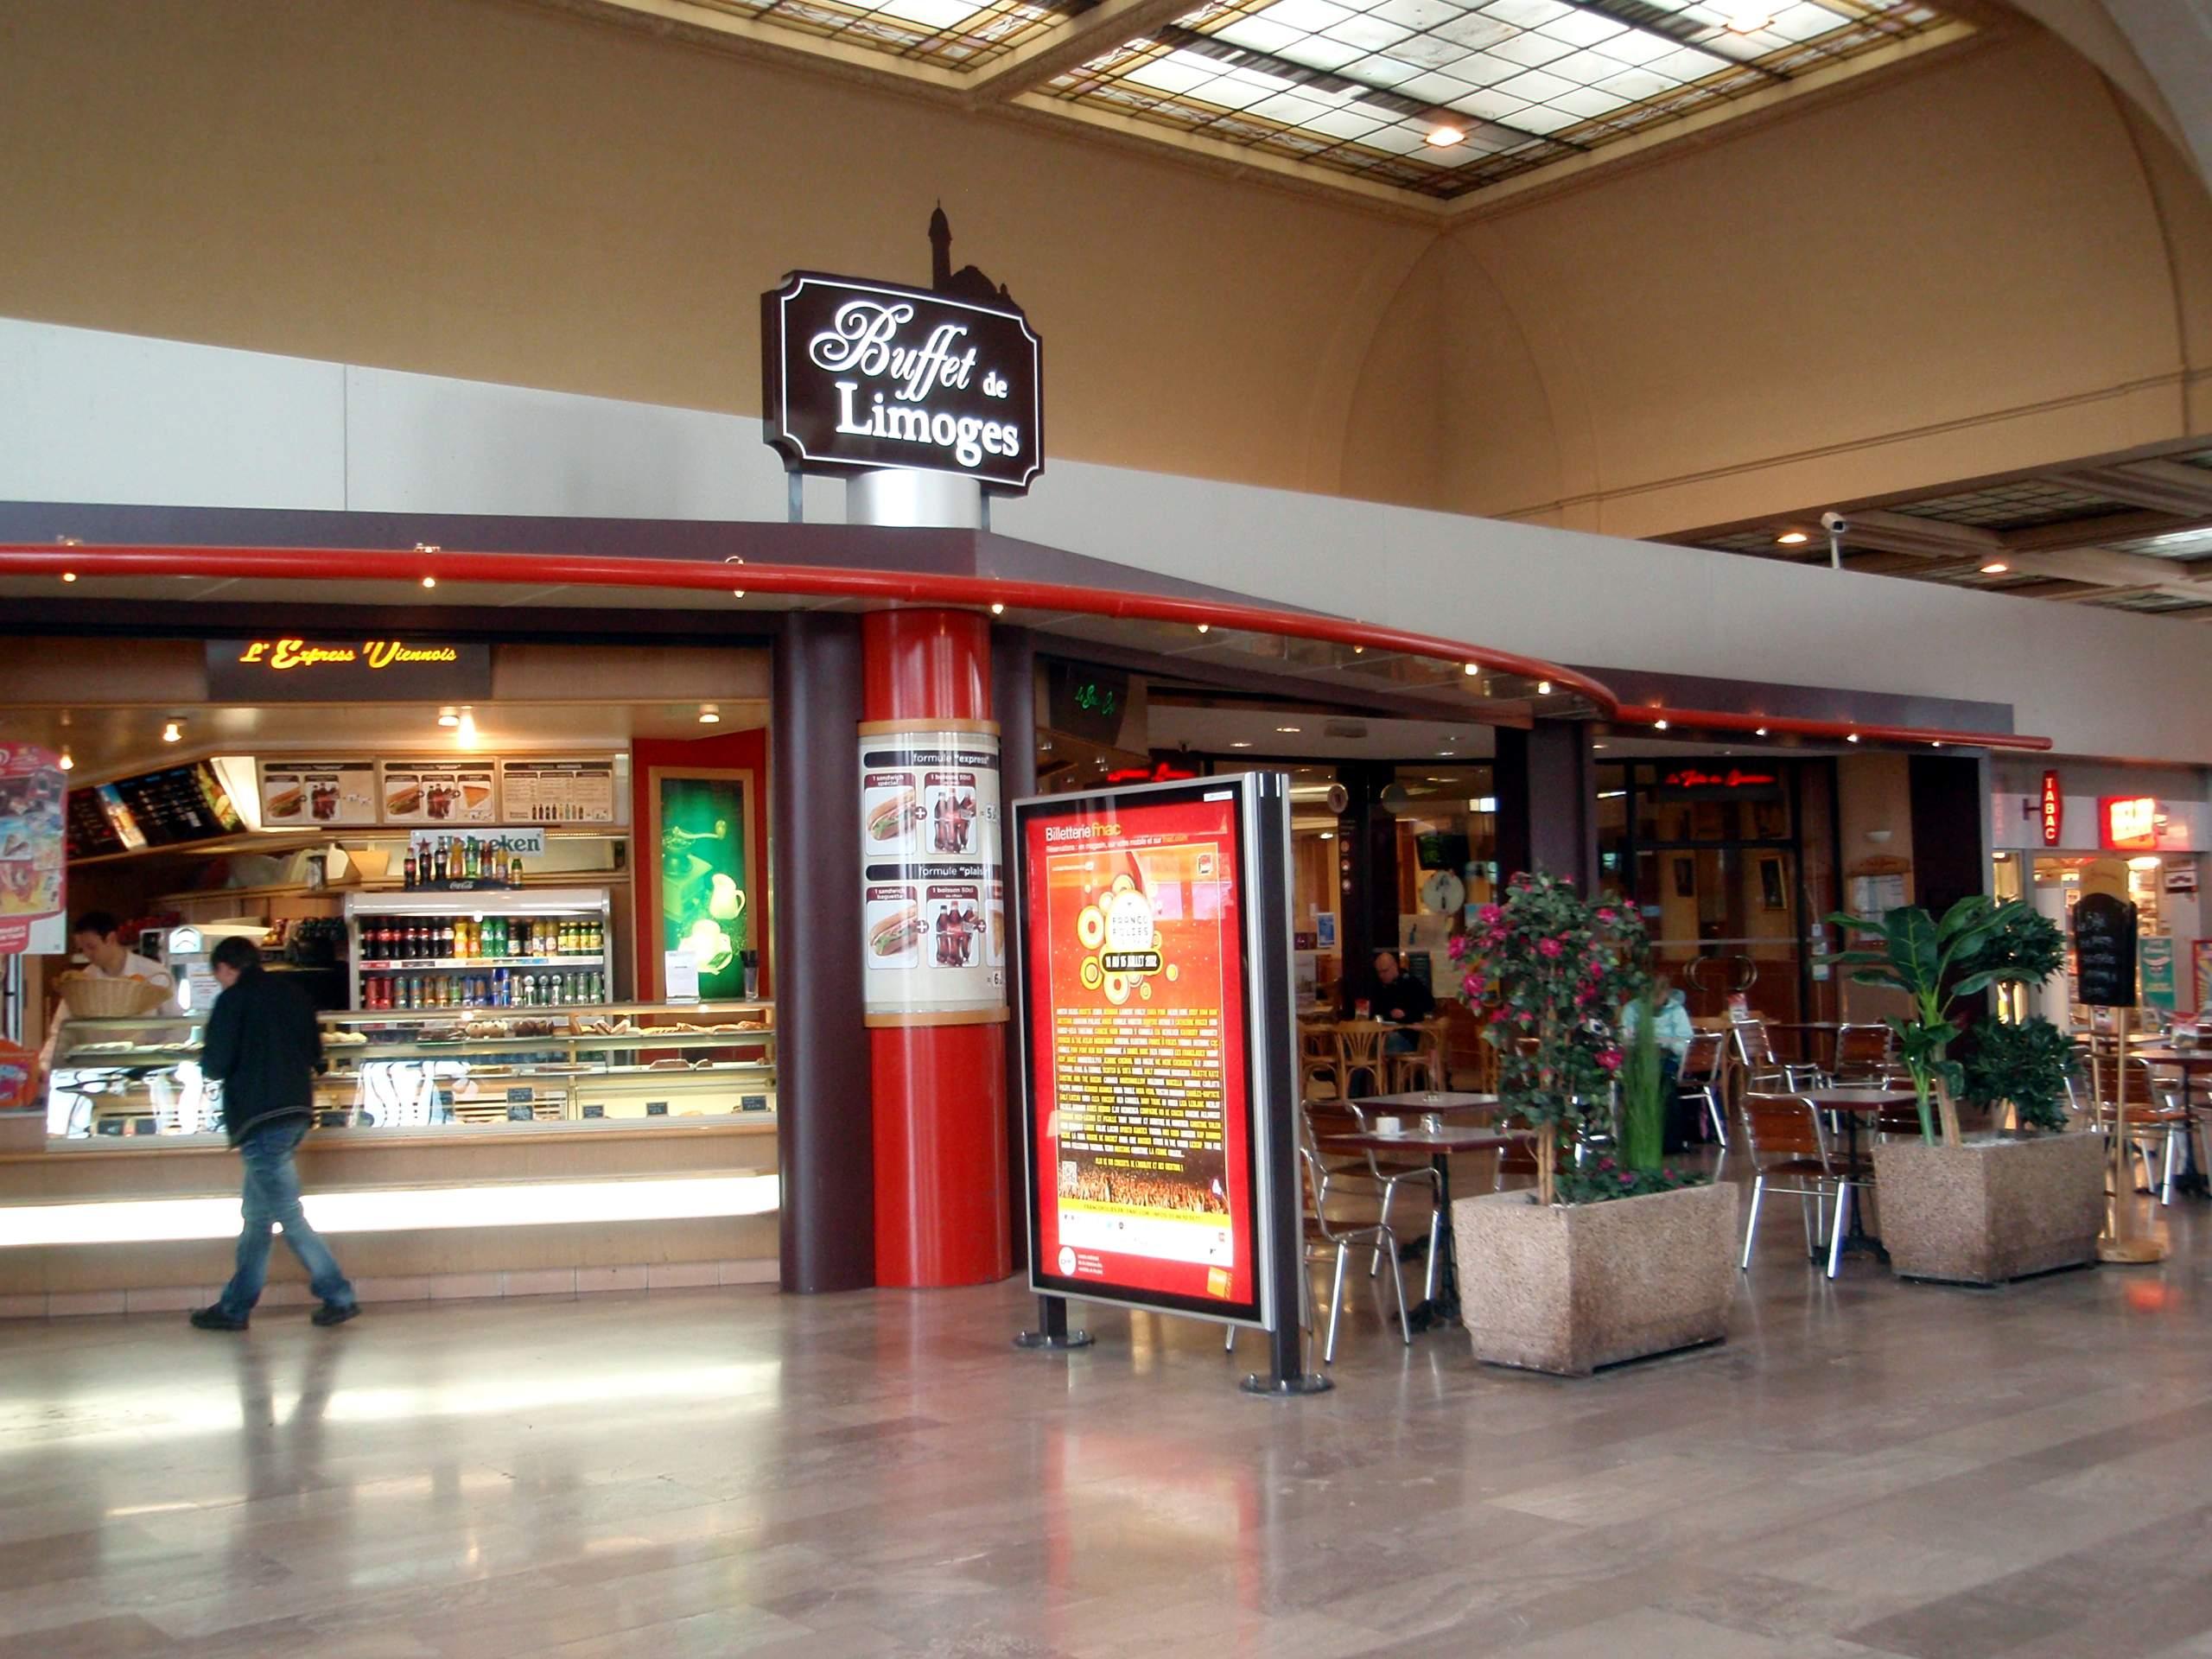 Buffet de la gare limoges - Restaurant ma maison limoges ...